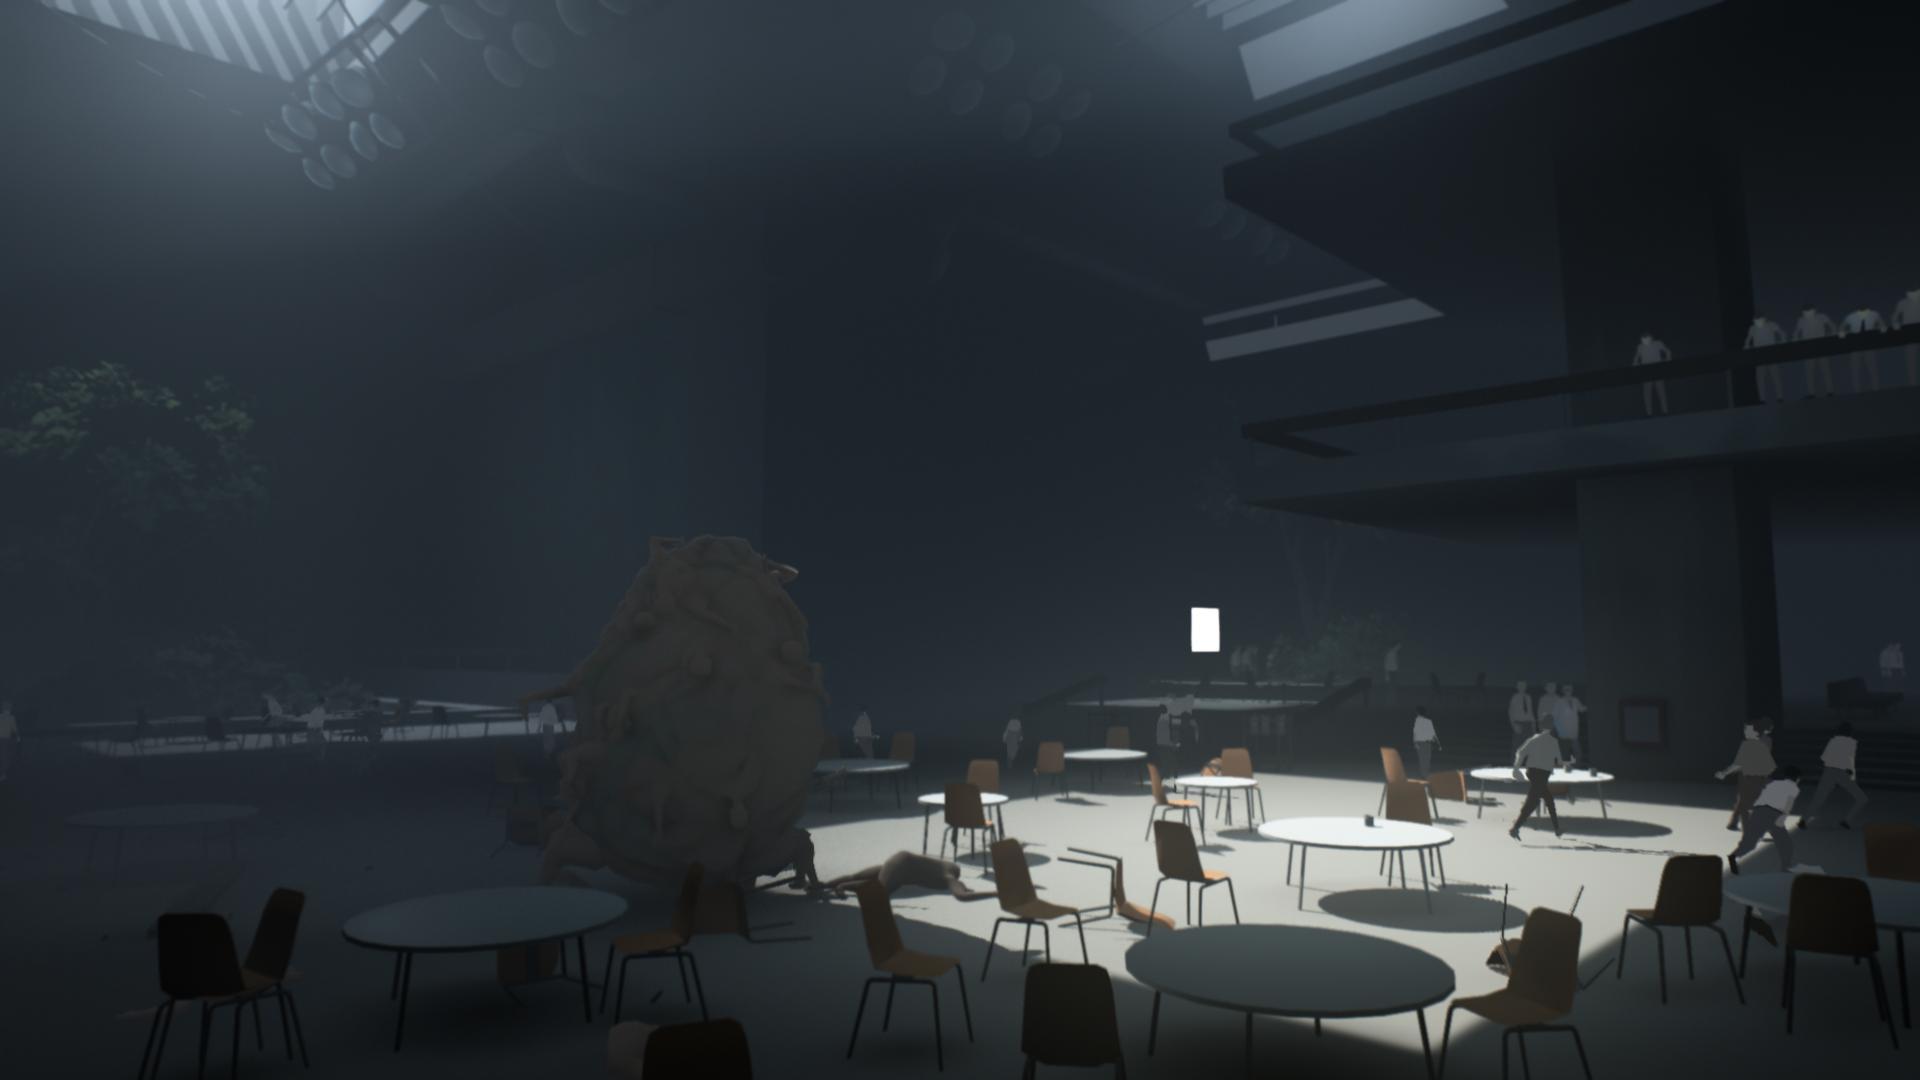 INSIDE 1 (40).jpg - Inside